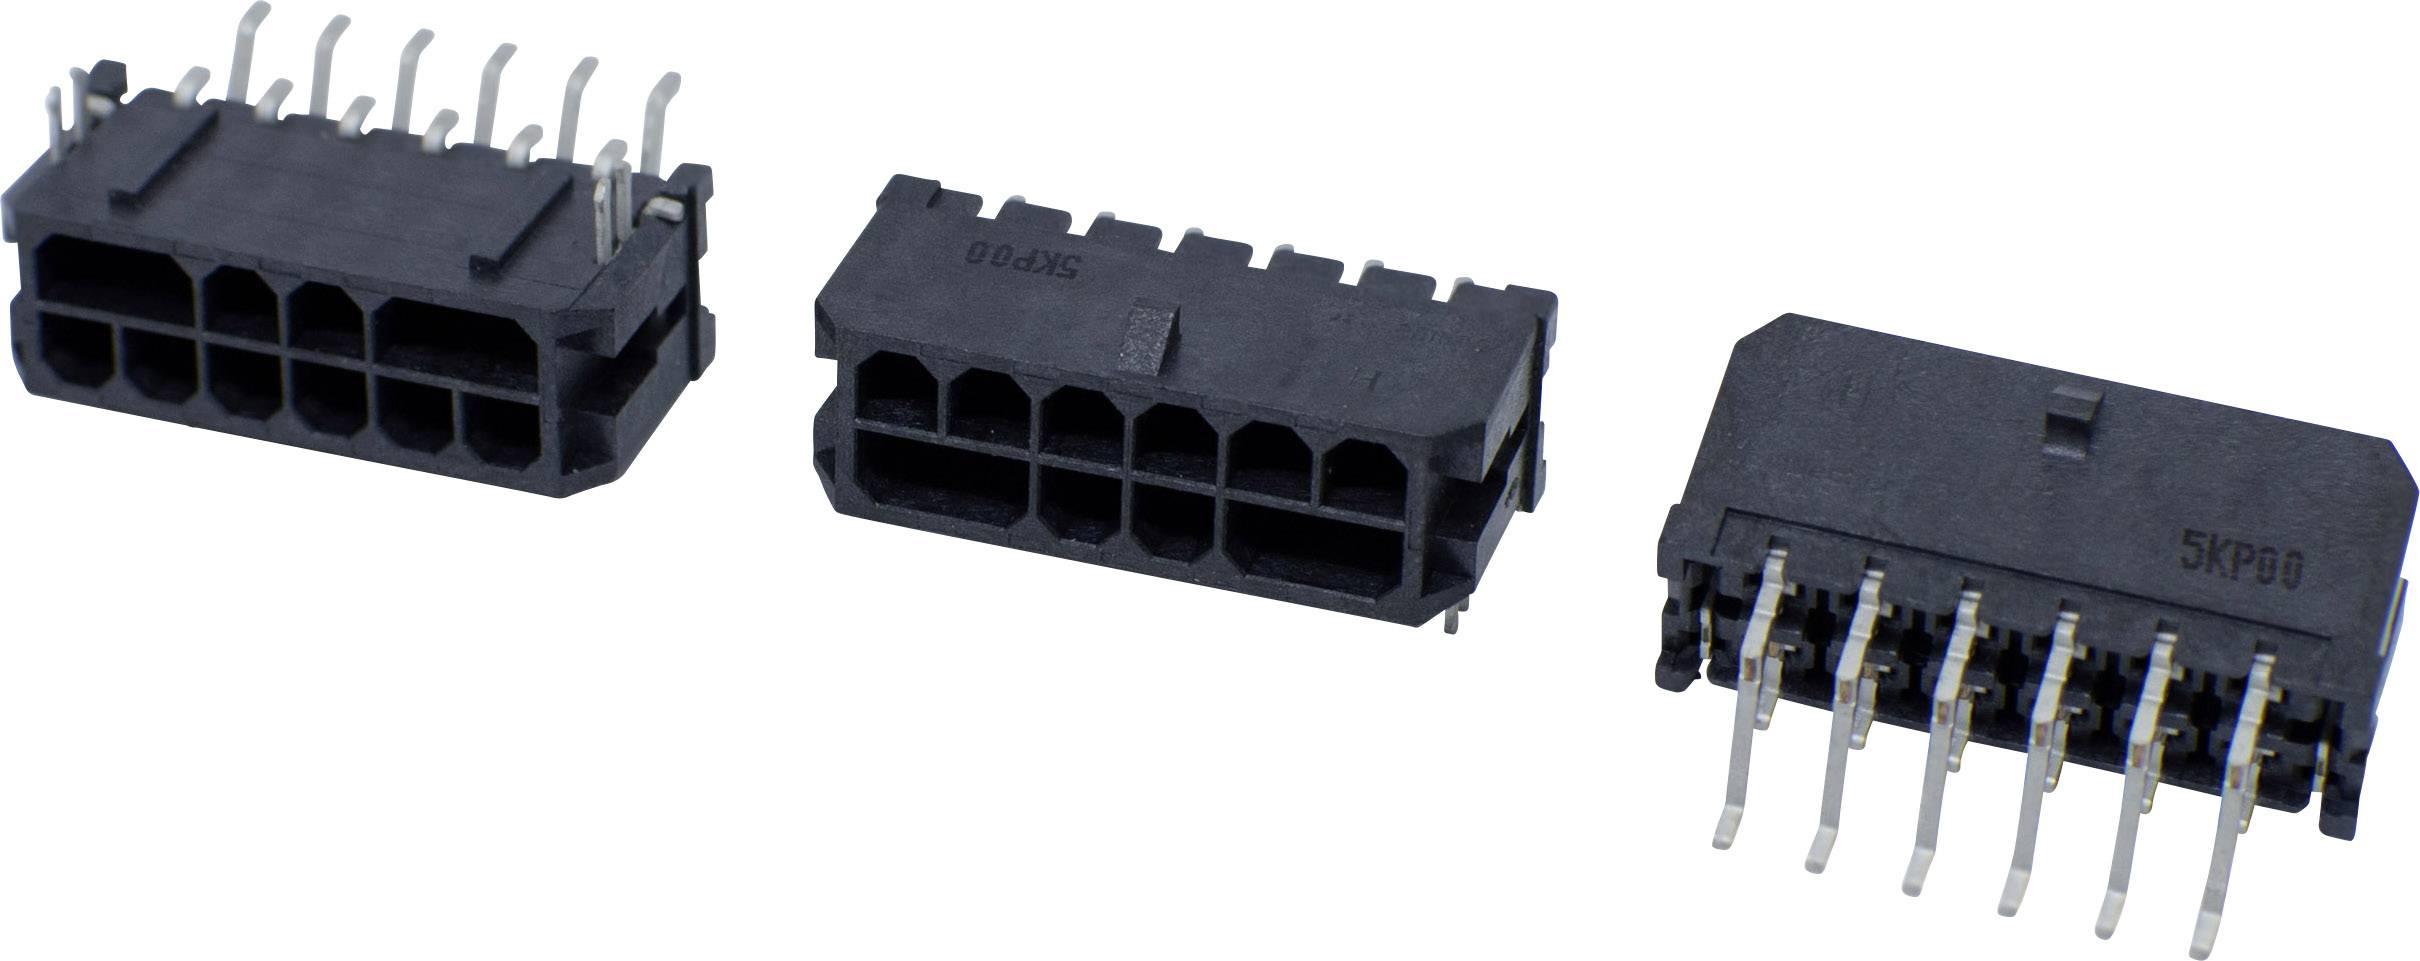 Pinová lišta (štandardná) BellWether 70096-1008, pólů 10, rozteč 3 mm, 1 ks